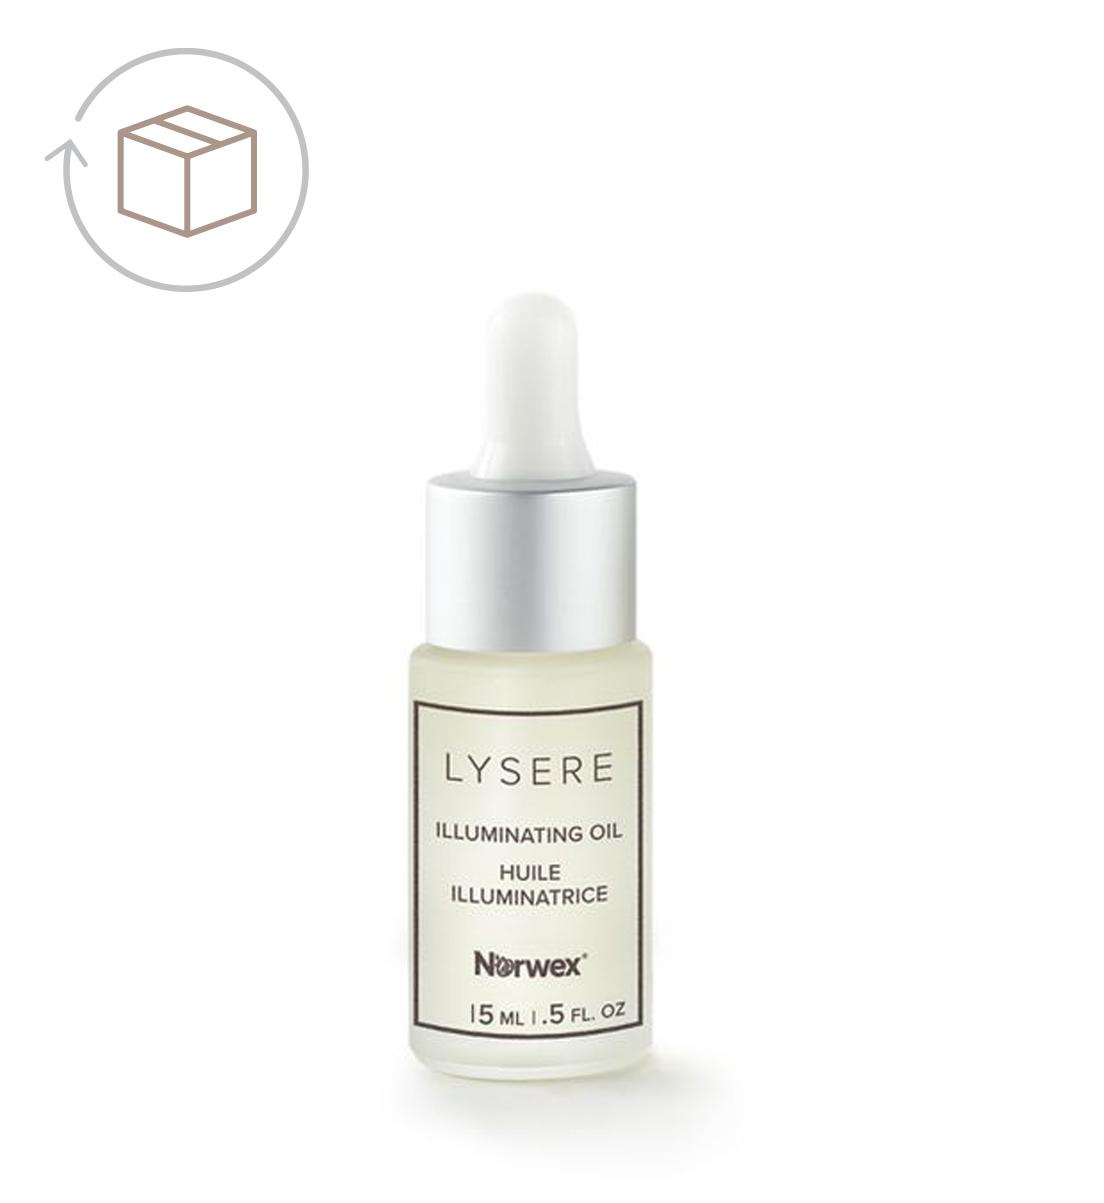 Lysere Illuminating Oil